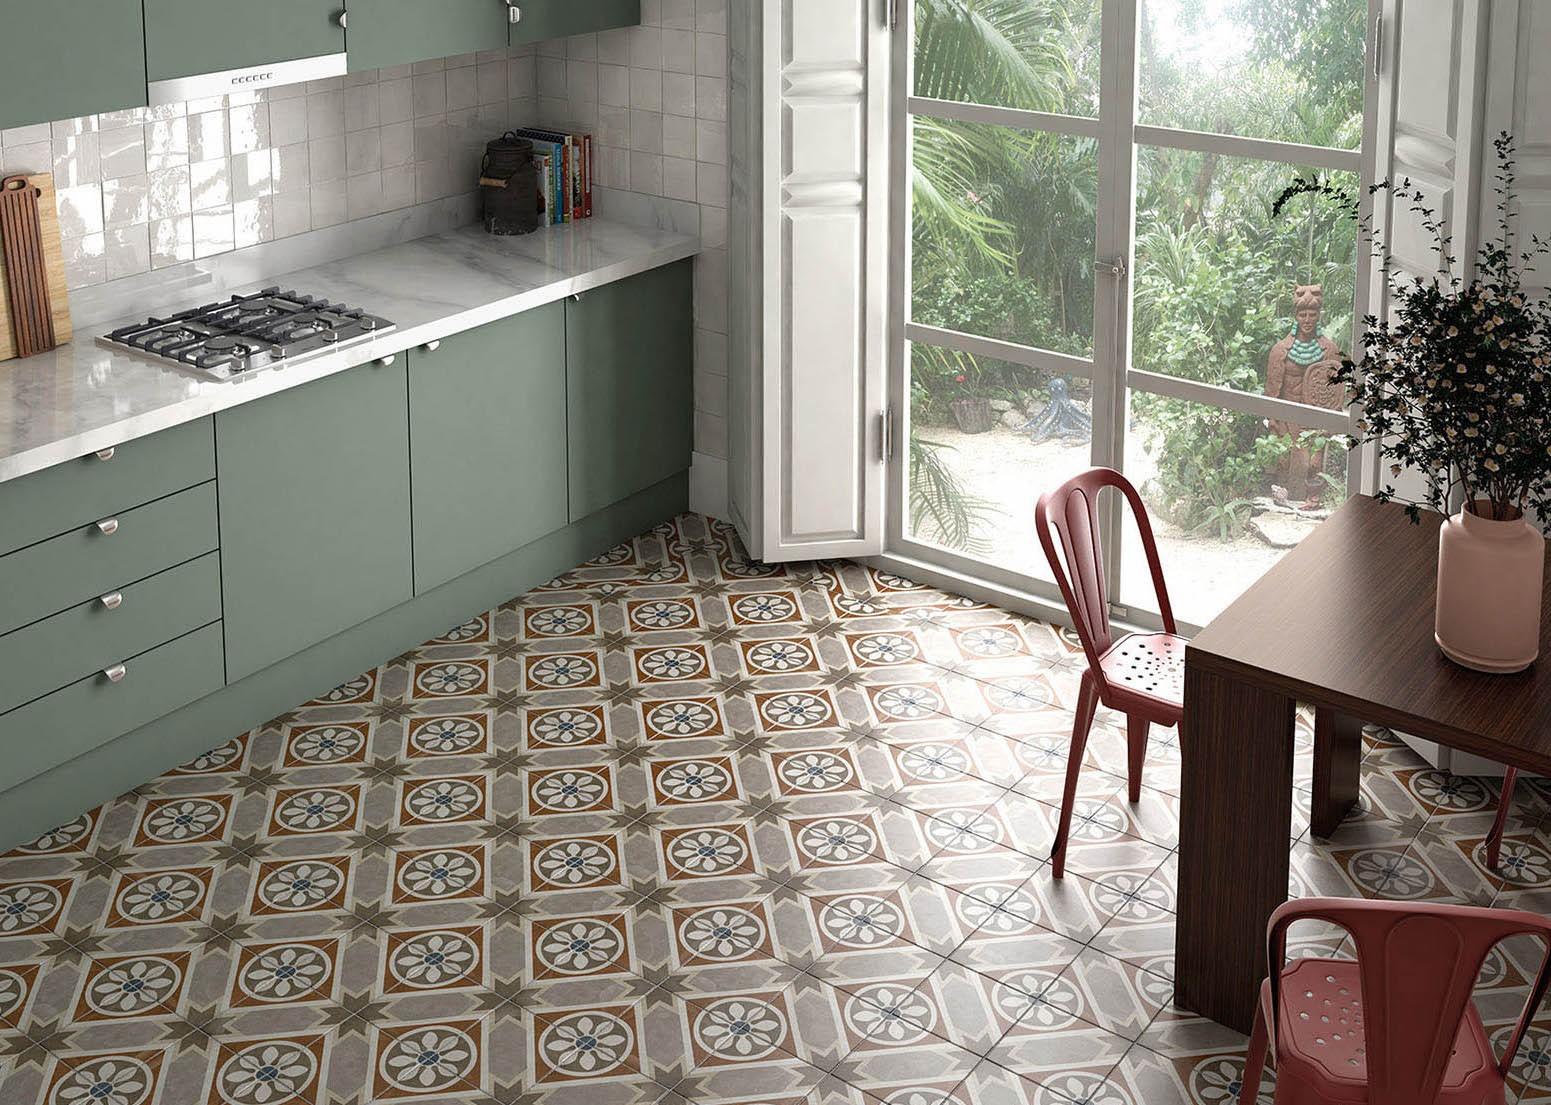 Carrelage grès cérame effet carreau ciment Art Nouveau Colour